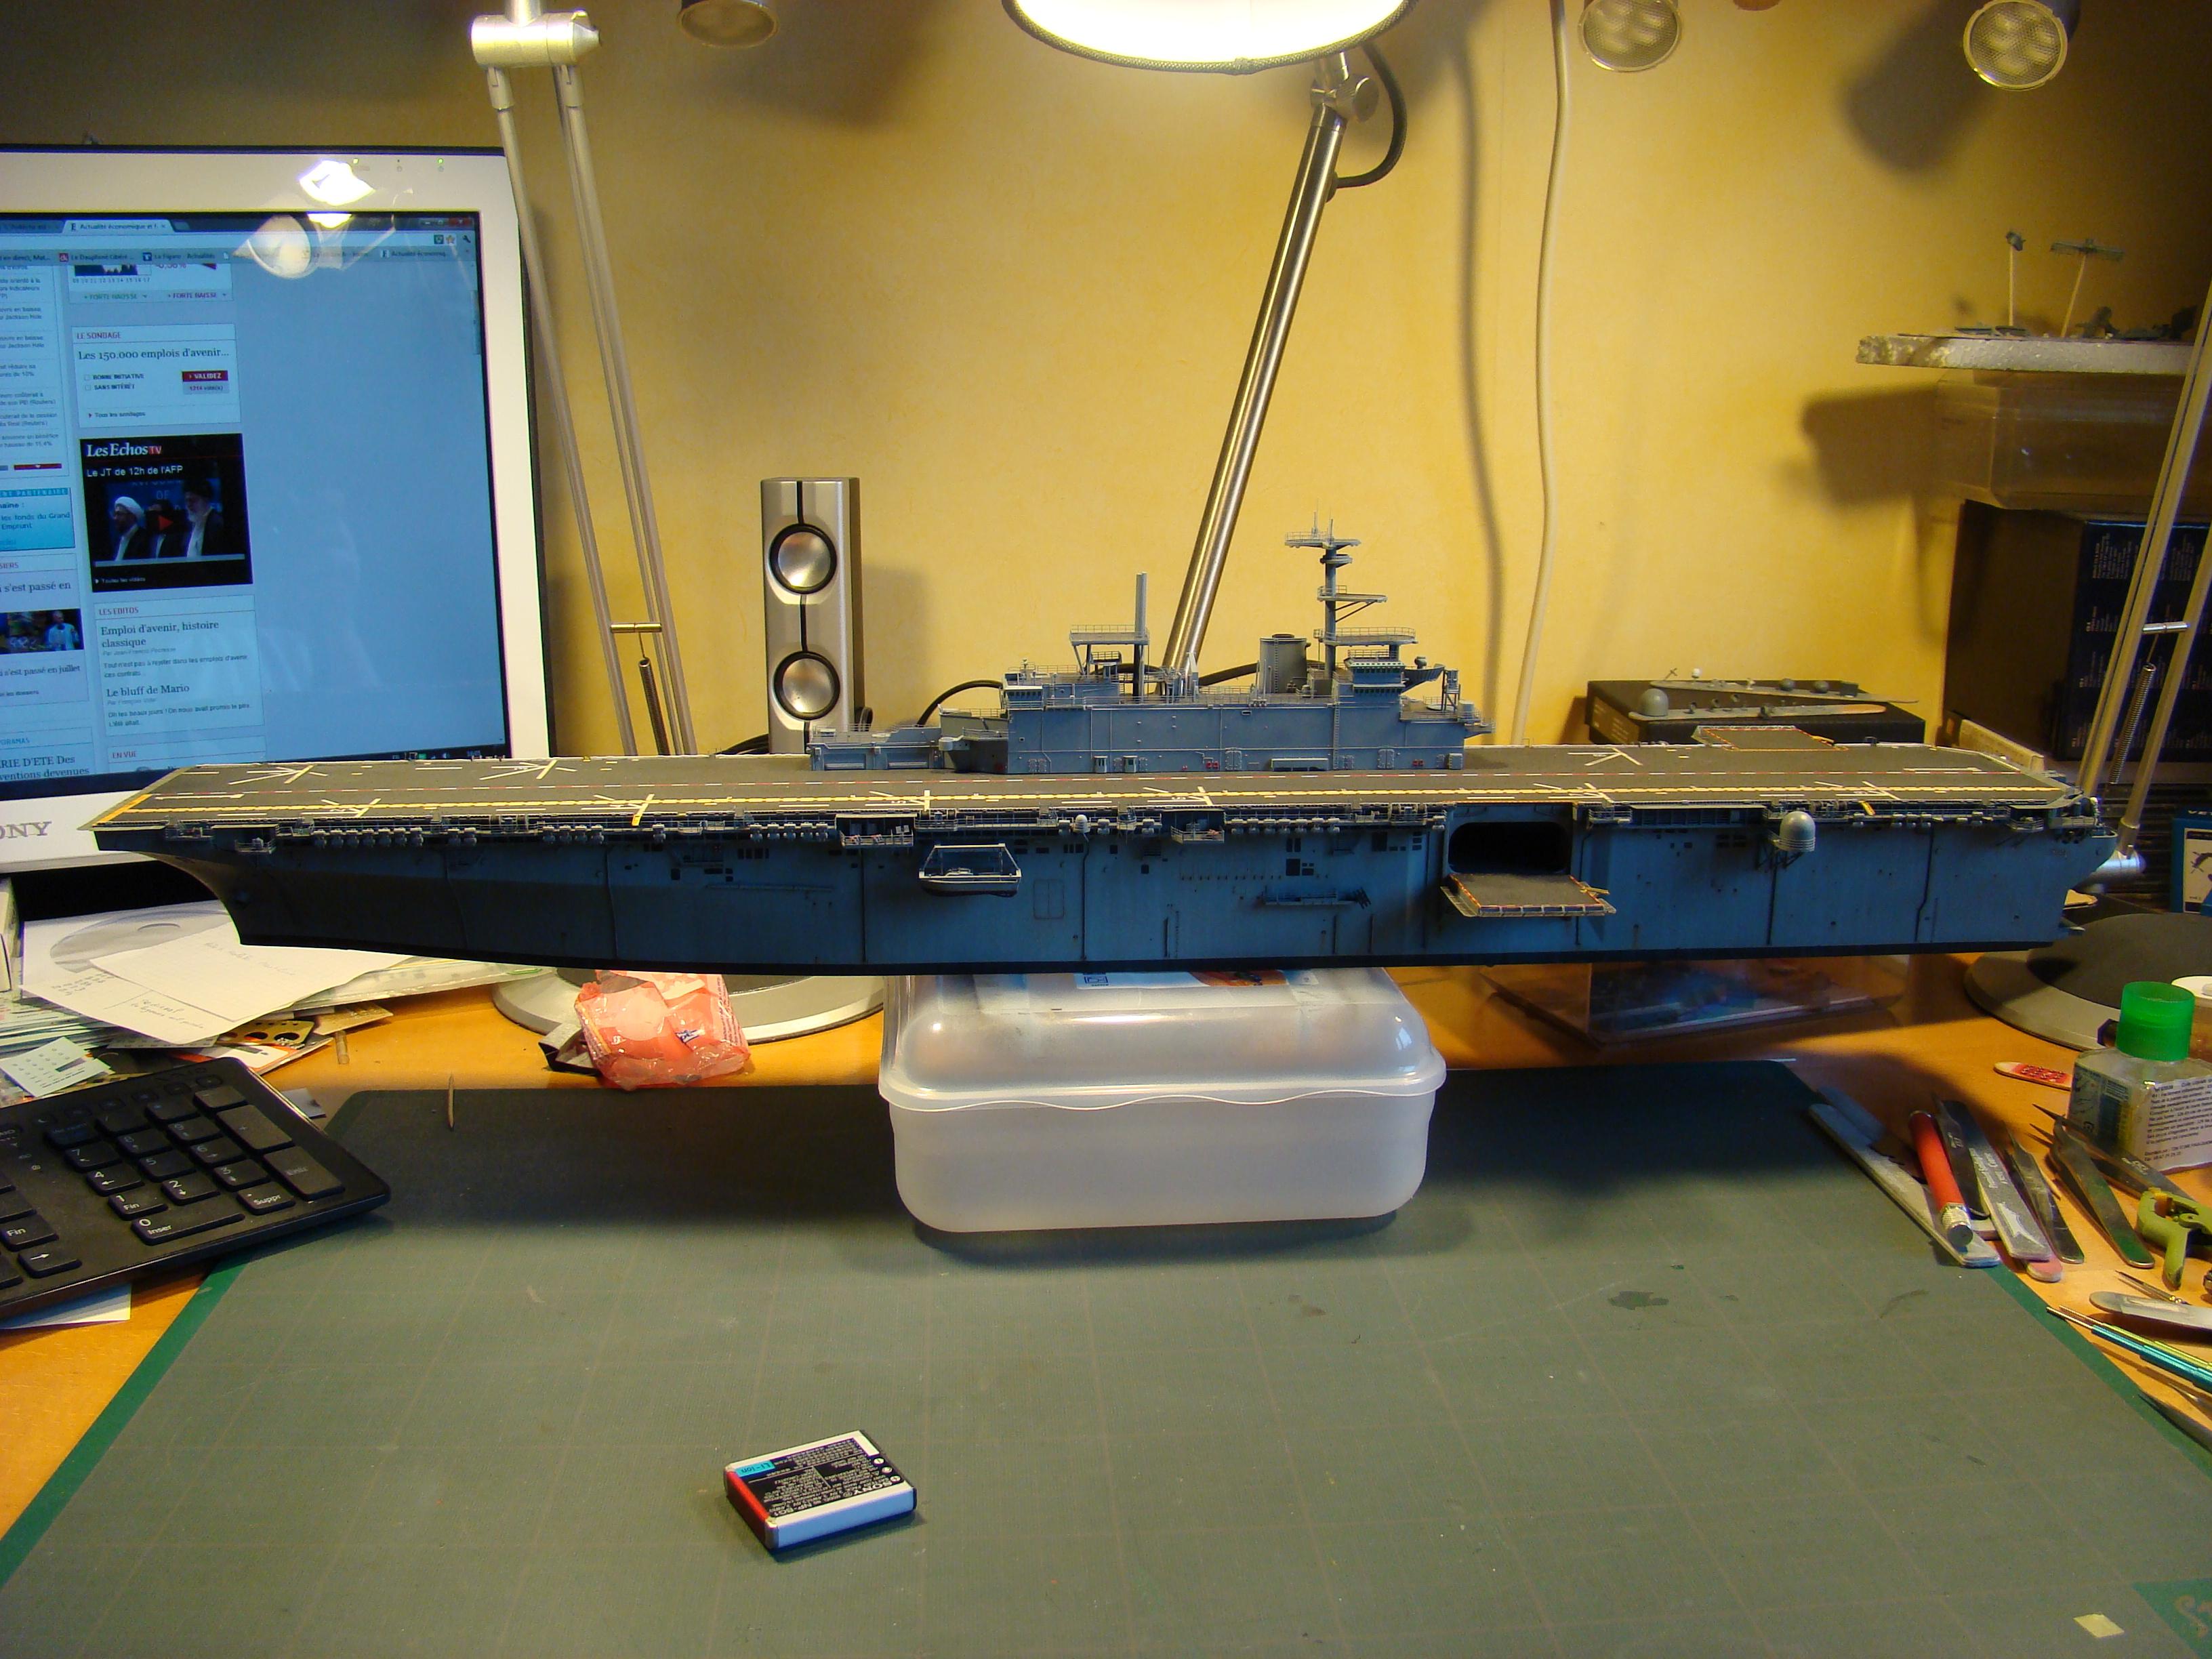 USS WASP LHD-1 au 1/350ème par nova73 - Page 7 Dsc09108h